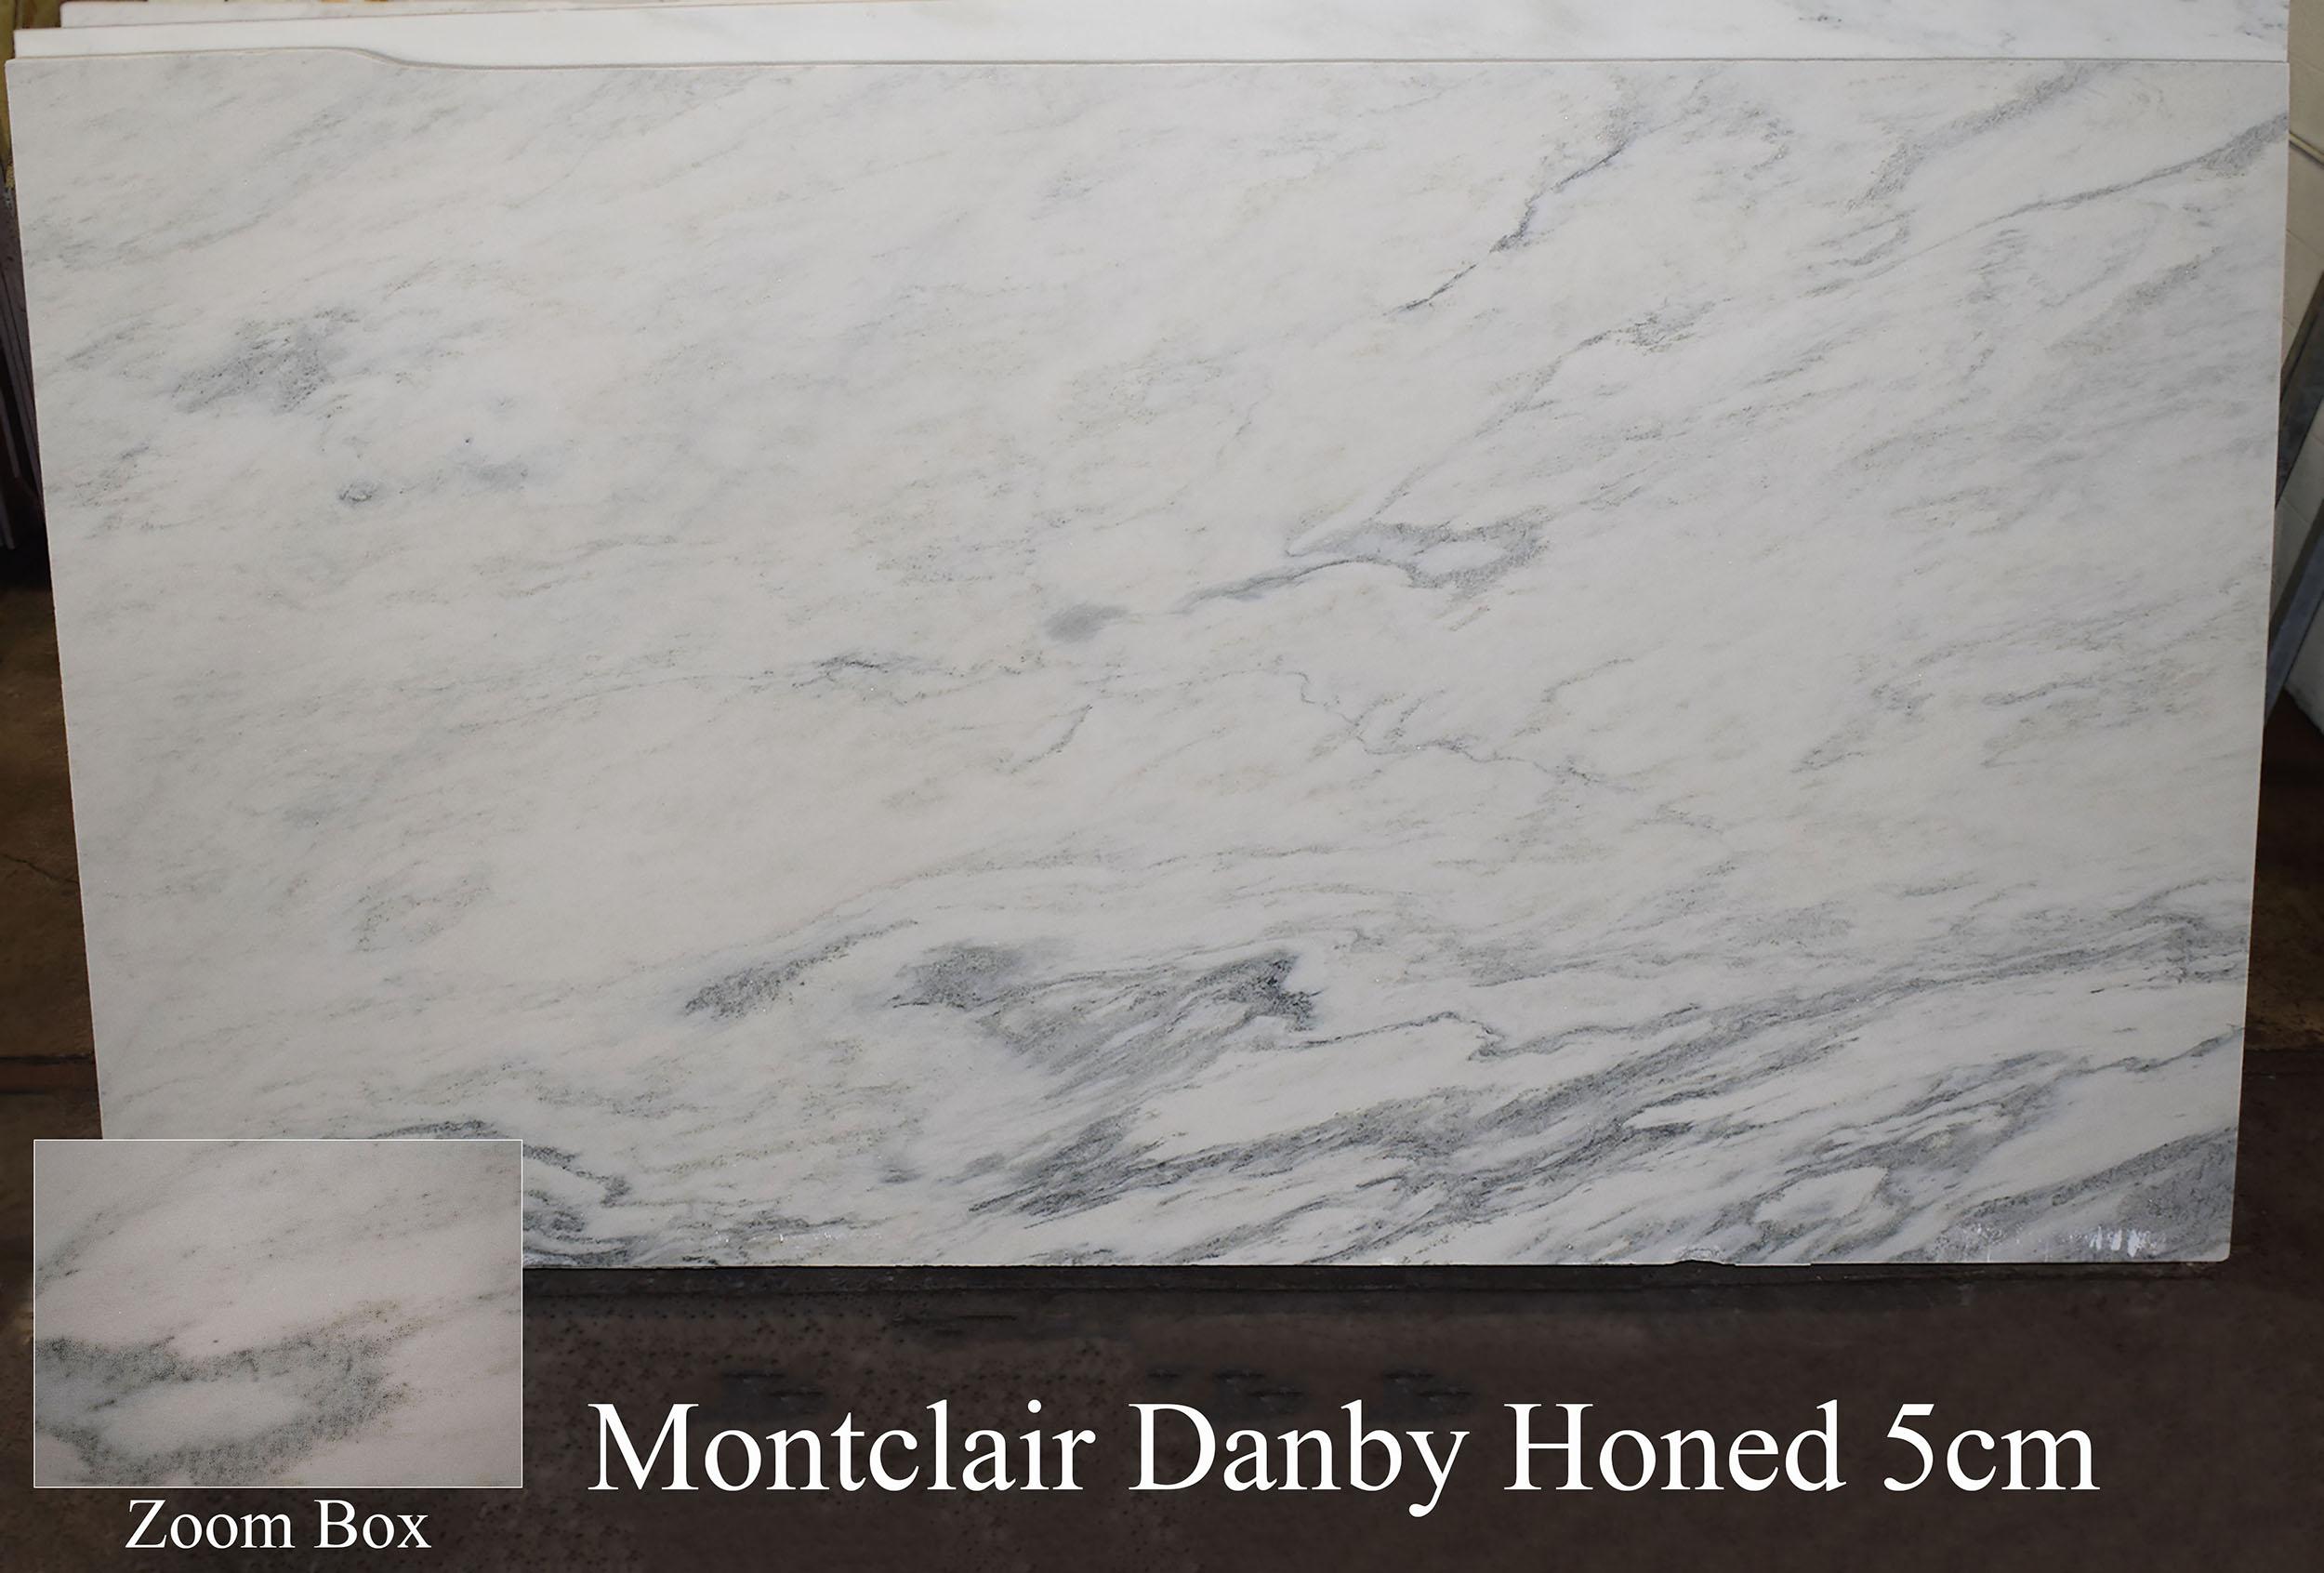 MONTCLAIR DANBY HONED 5CM